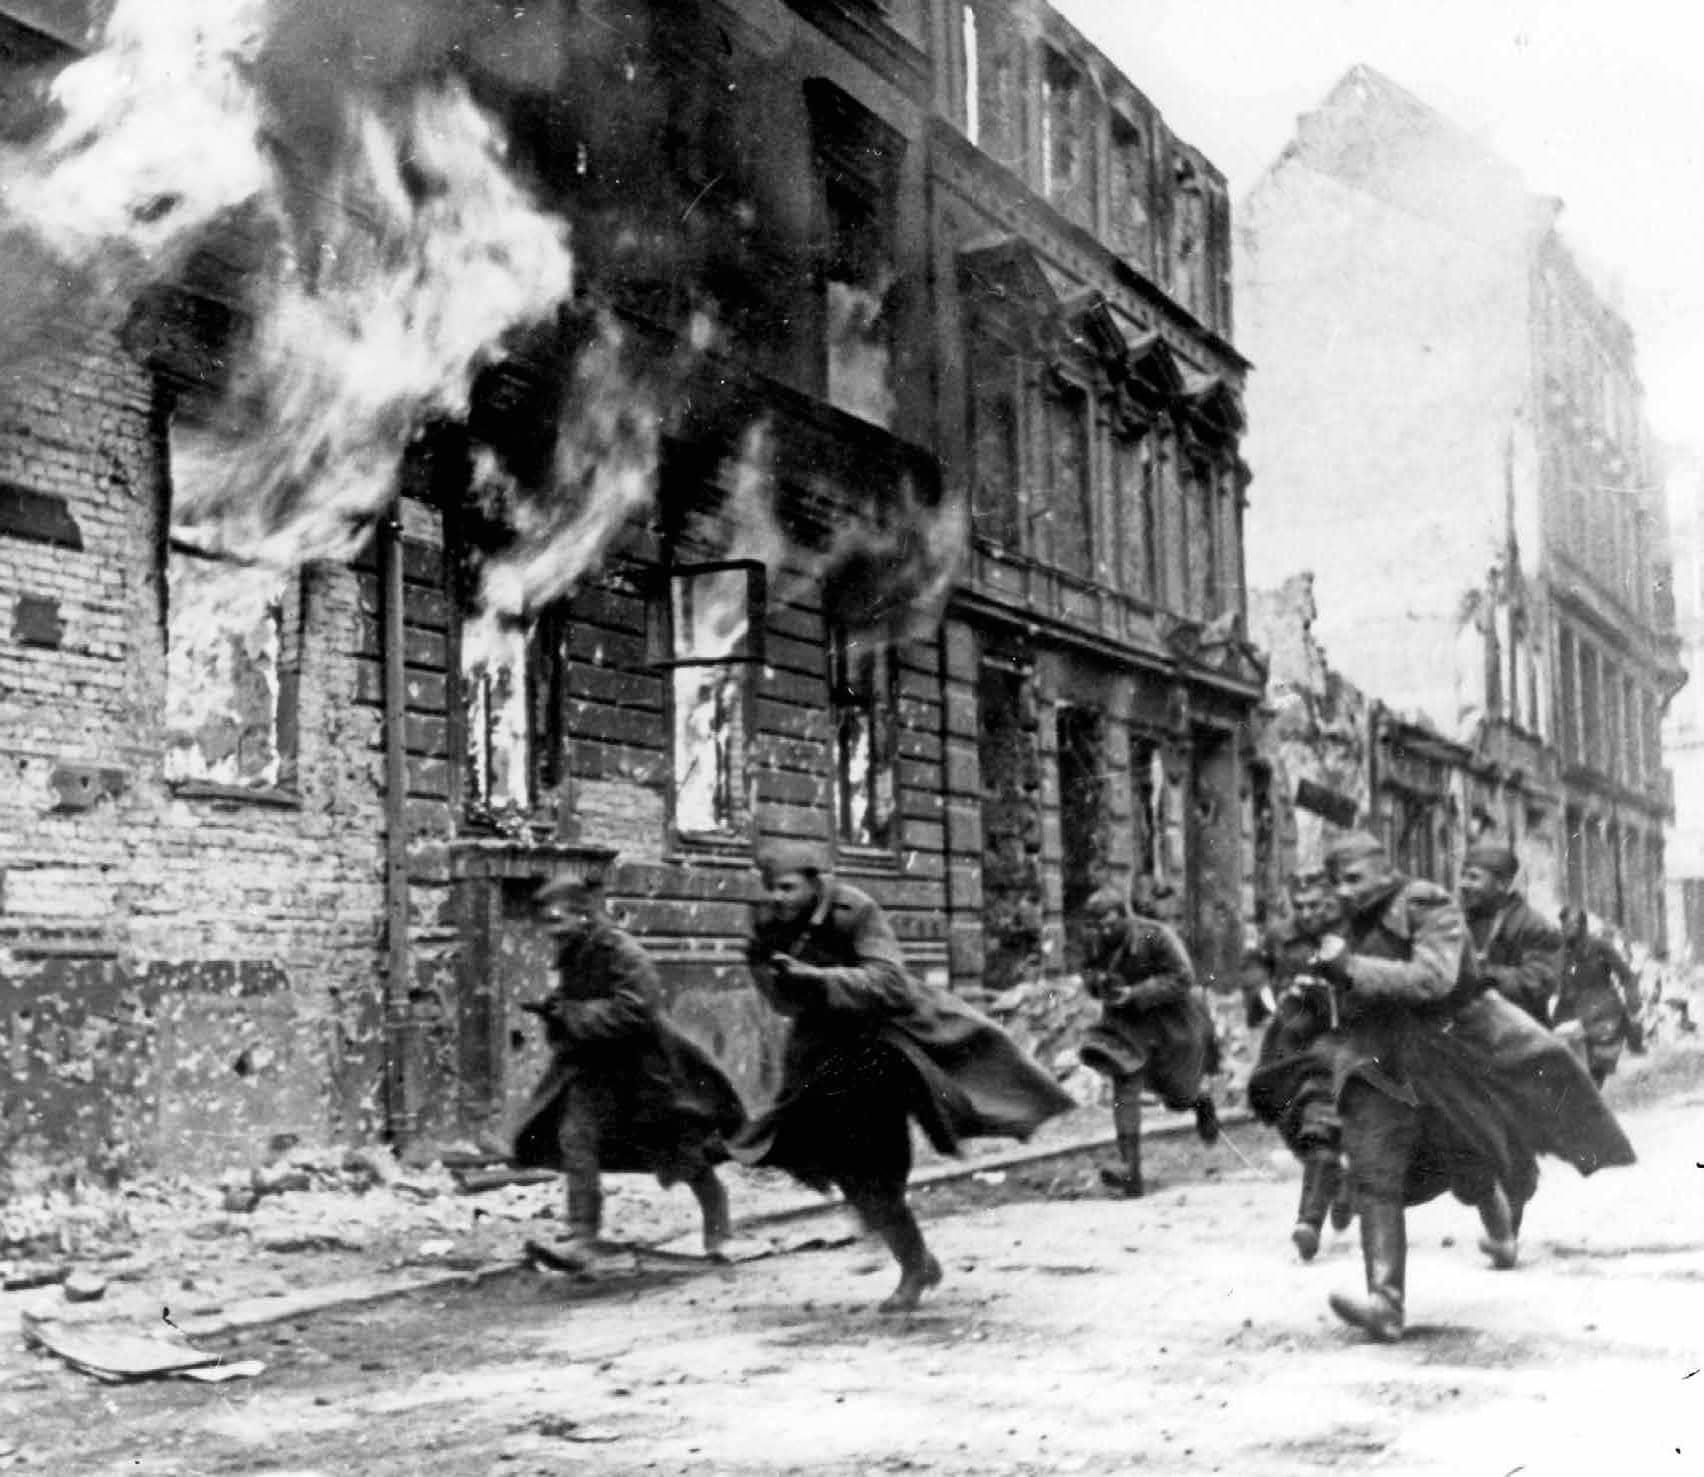 soldados soviéticos en Berlín